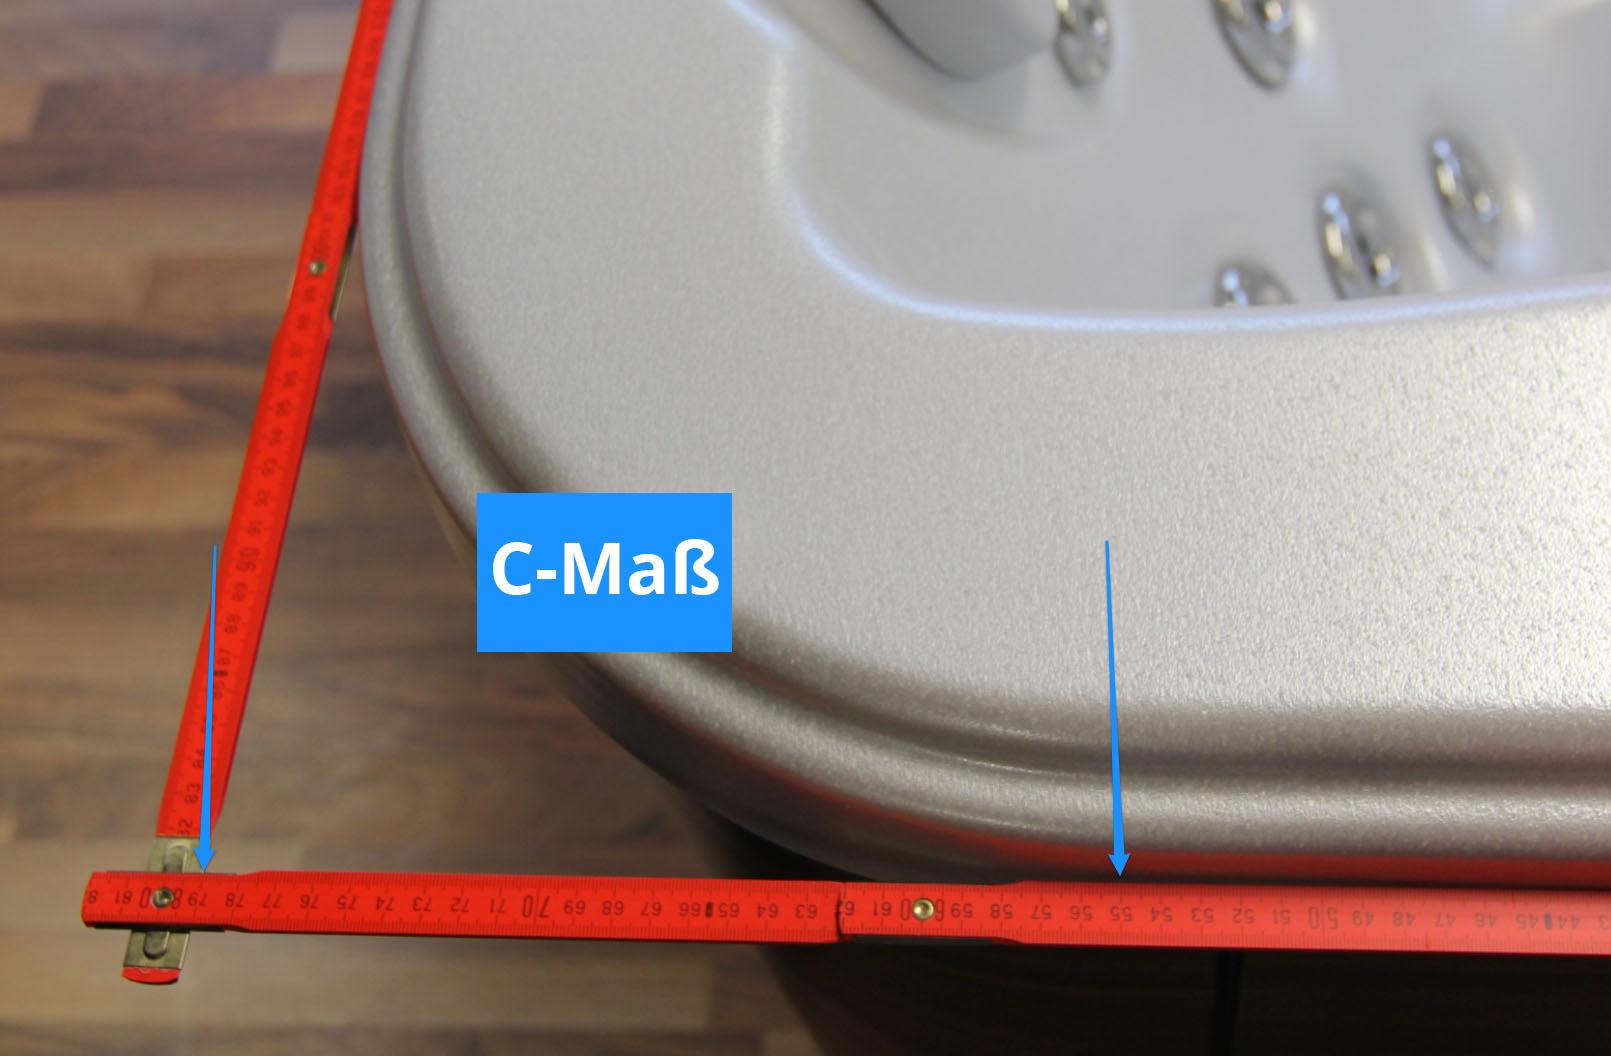 Bild 2: So Messen Sie den Radius Ihrer Whirlpool - Abdeckung